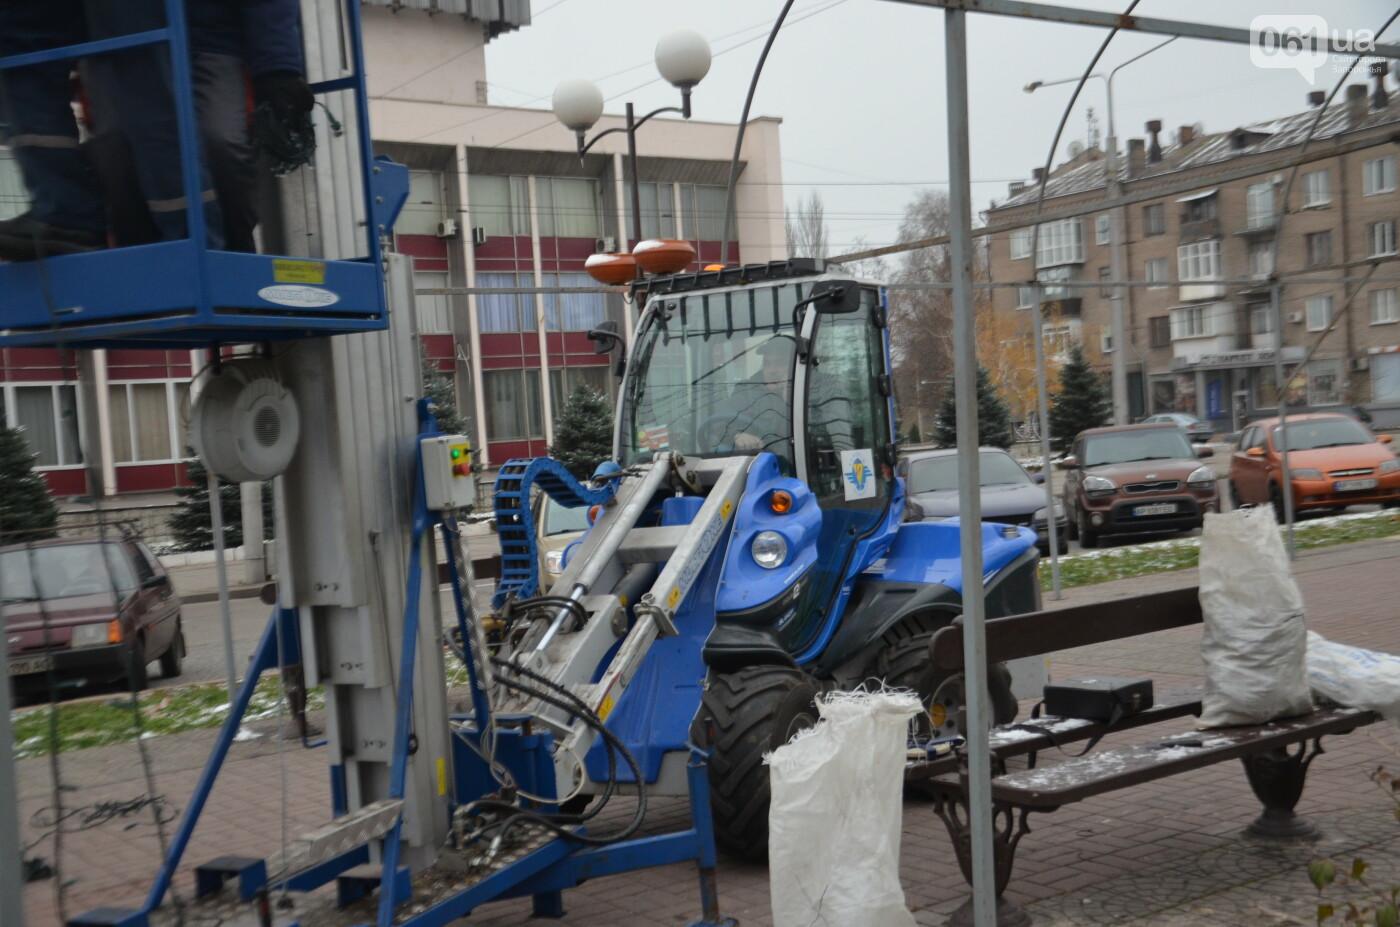 В Запорожье на бульваре Шевченко начали монтировать новогодний городок на БШ за 1,8 миллиона гривен, фото-11